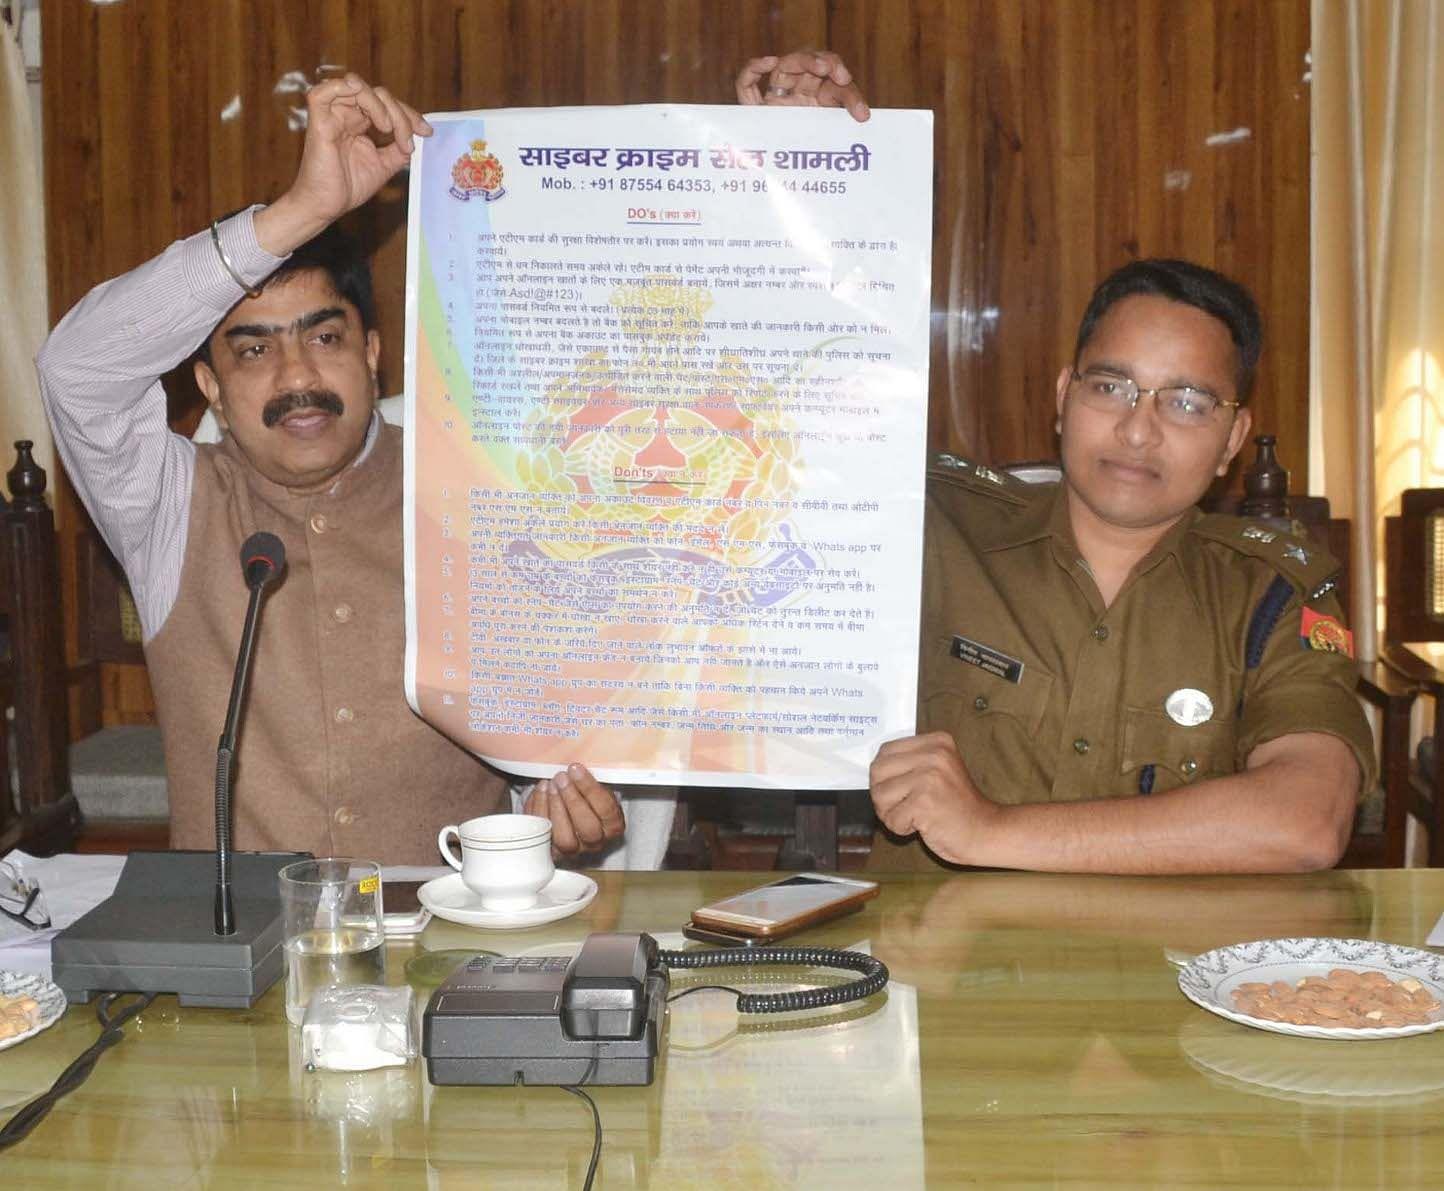 शामली कलेक्ट्रेट में साइबर क्राइम सेल का पोस्टर जारी करते डीएम एसपी